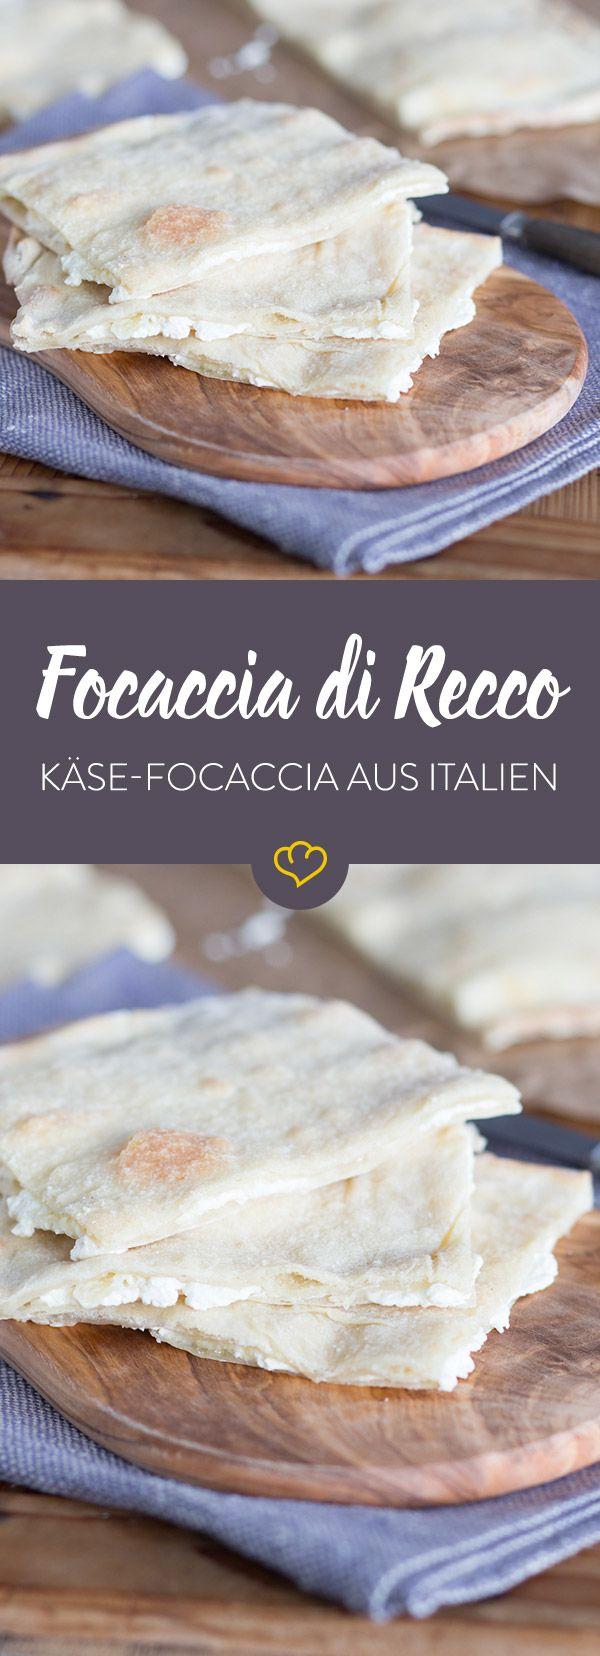 Die Focaccia mit der Käsefüllung kommt ursprünglich aus dem Ort Recco in Ligurien und ist dort eines der beliebtesten Streetfoods.